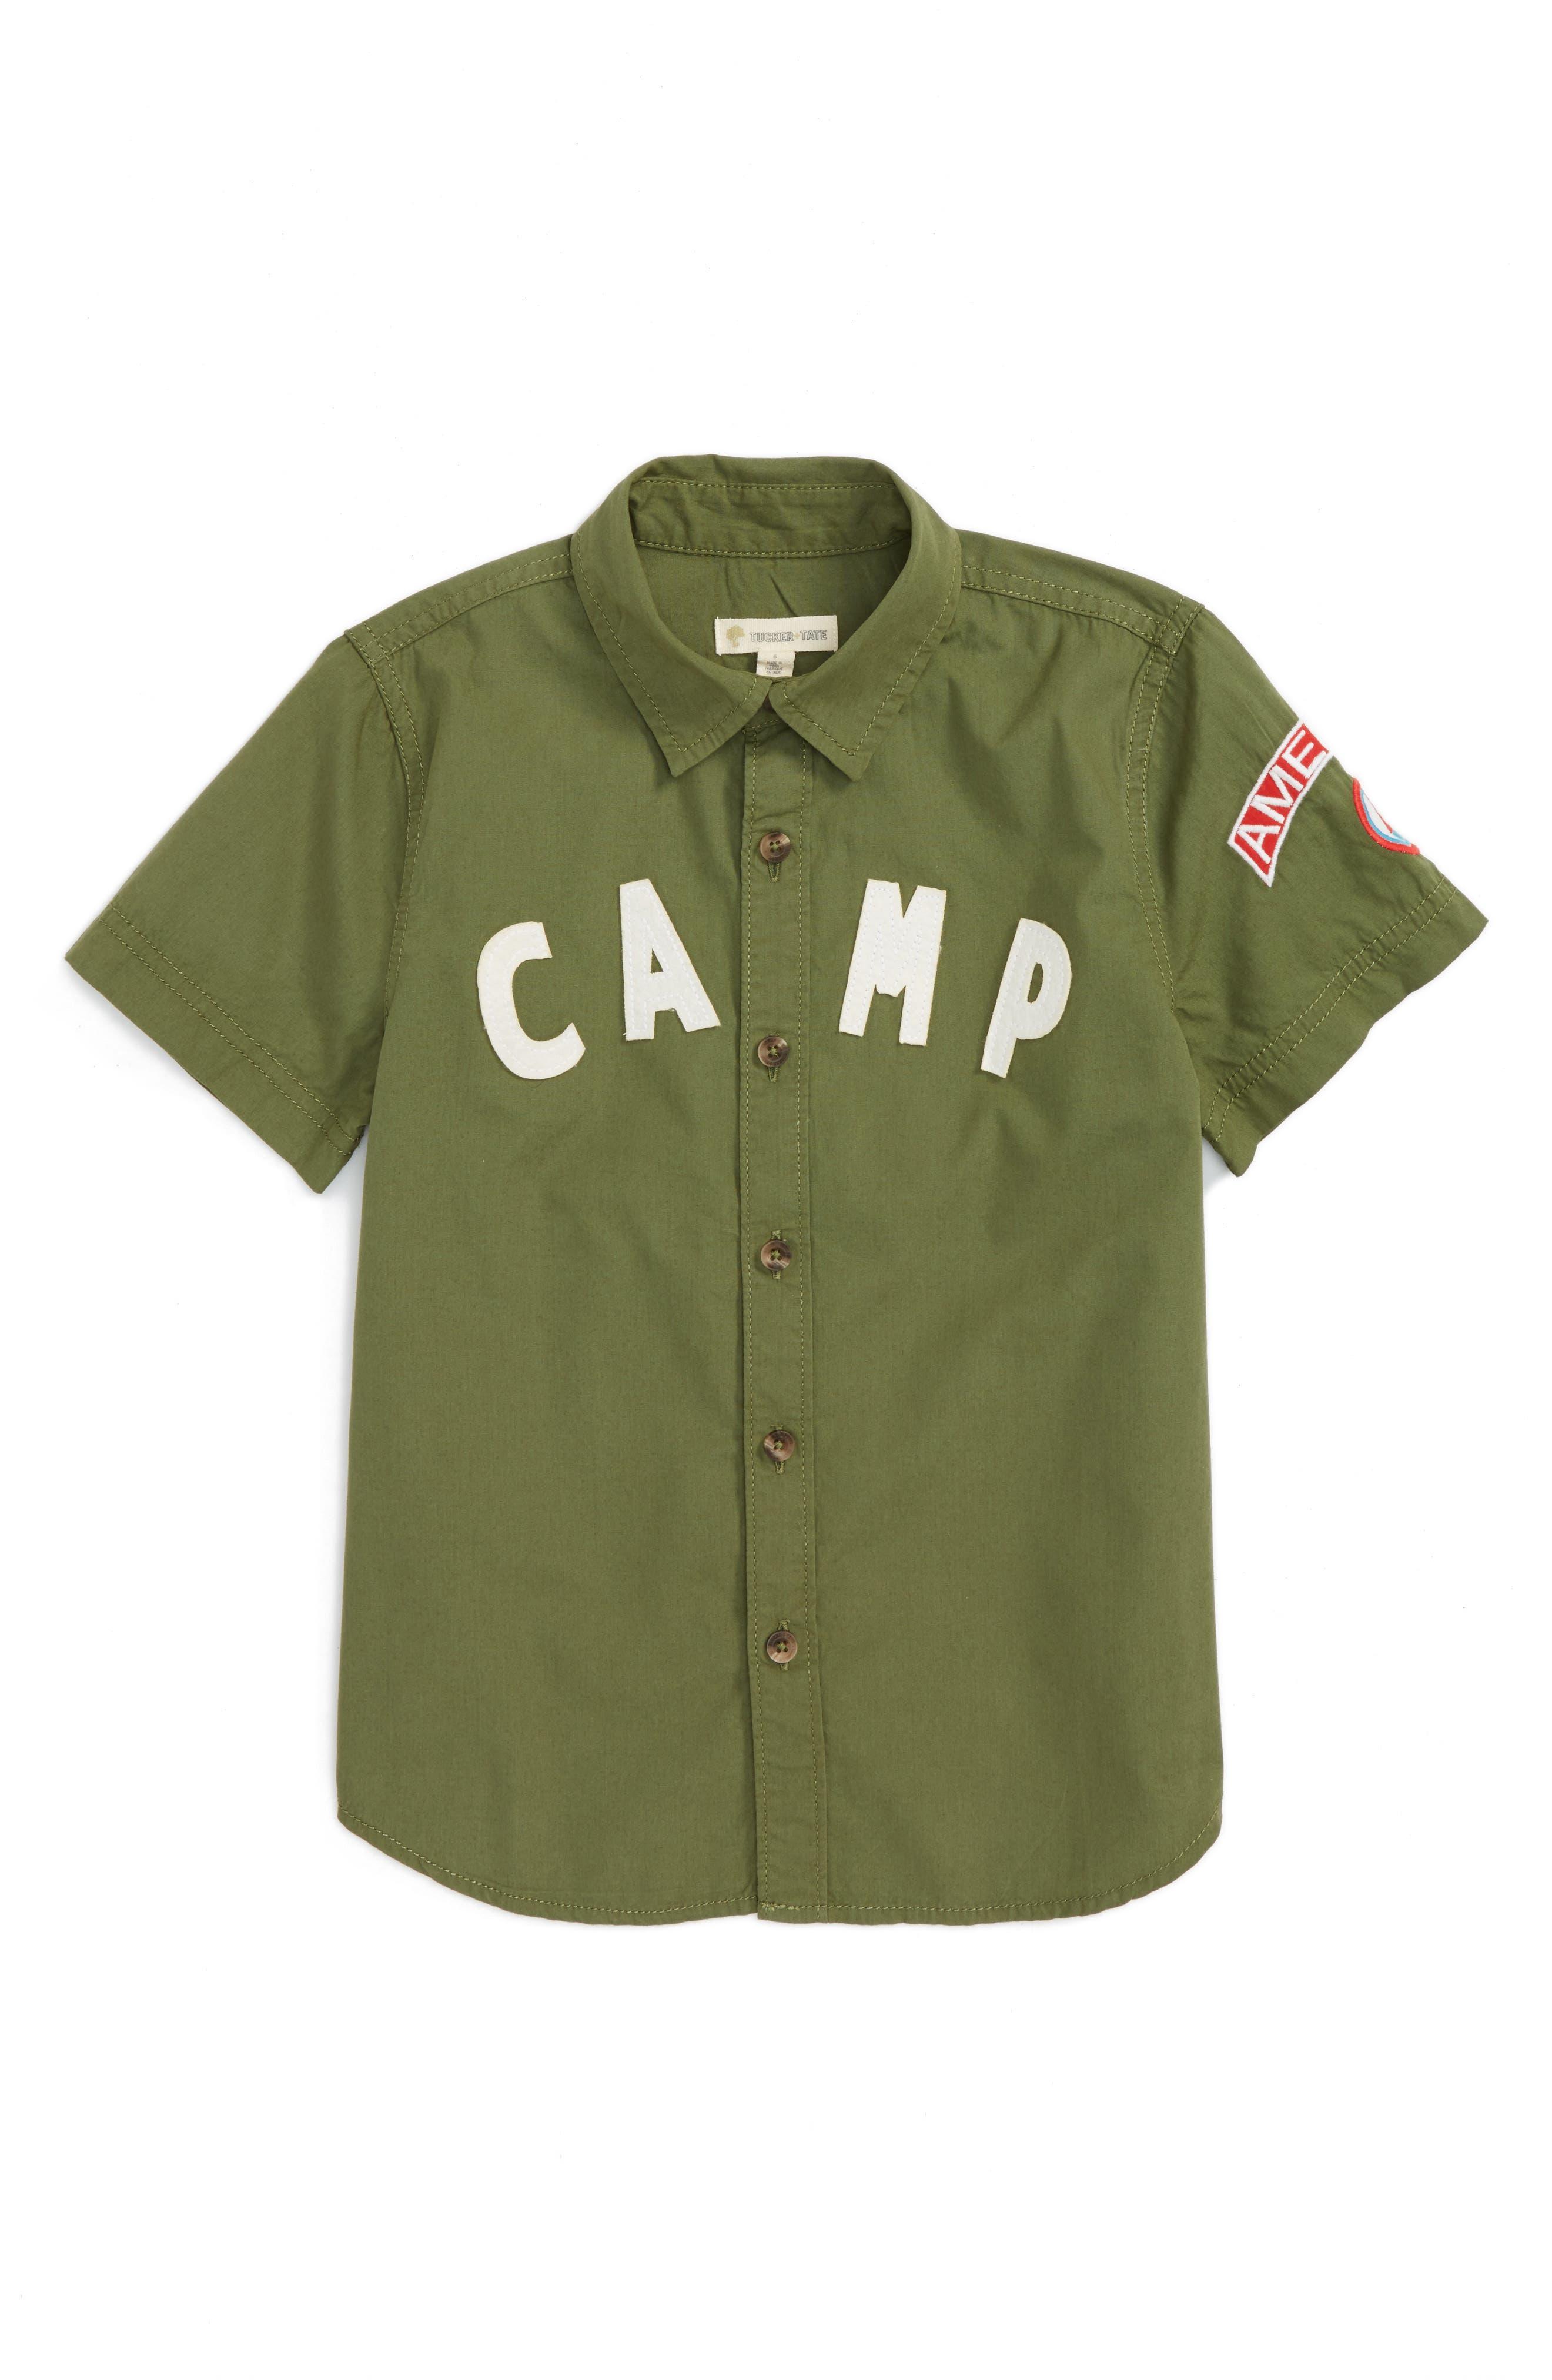 Camp Shirt,                             Main thumbnail 1, color,